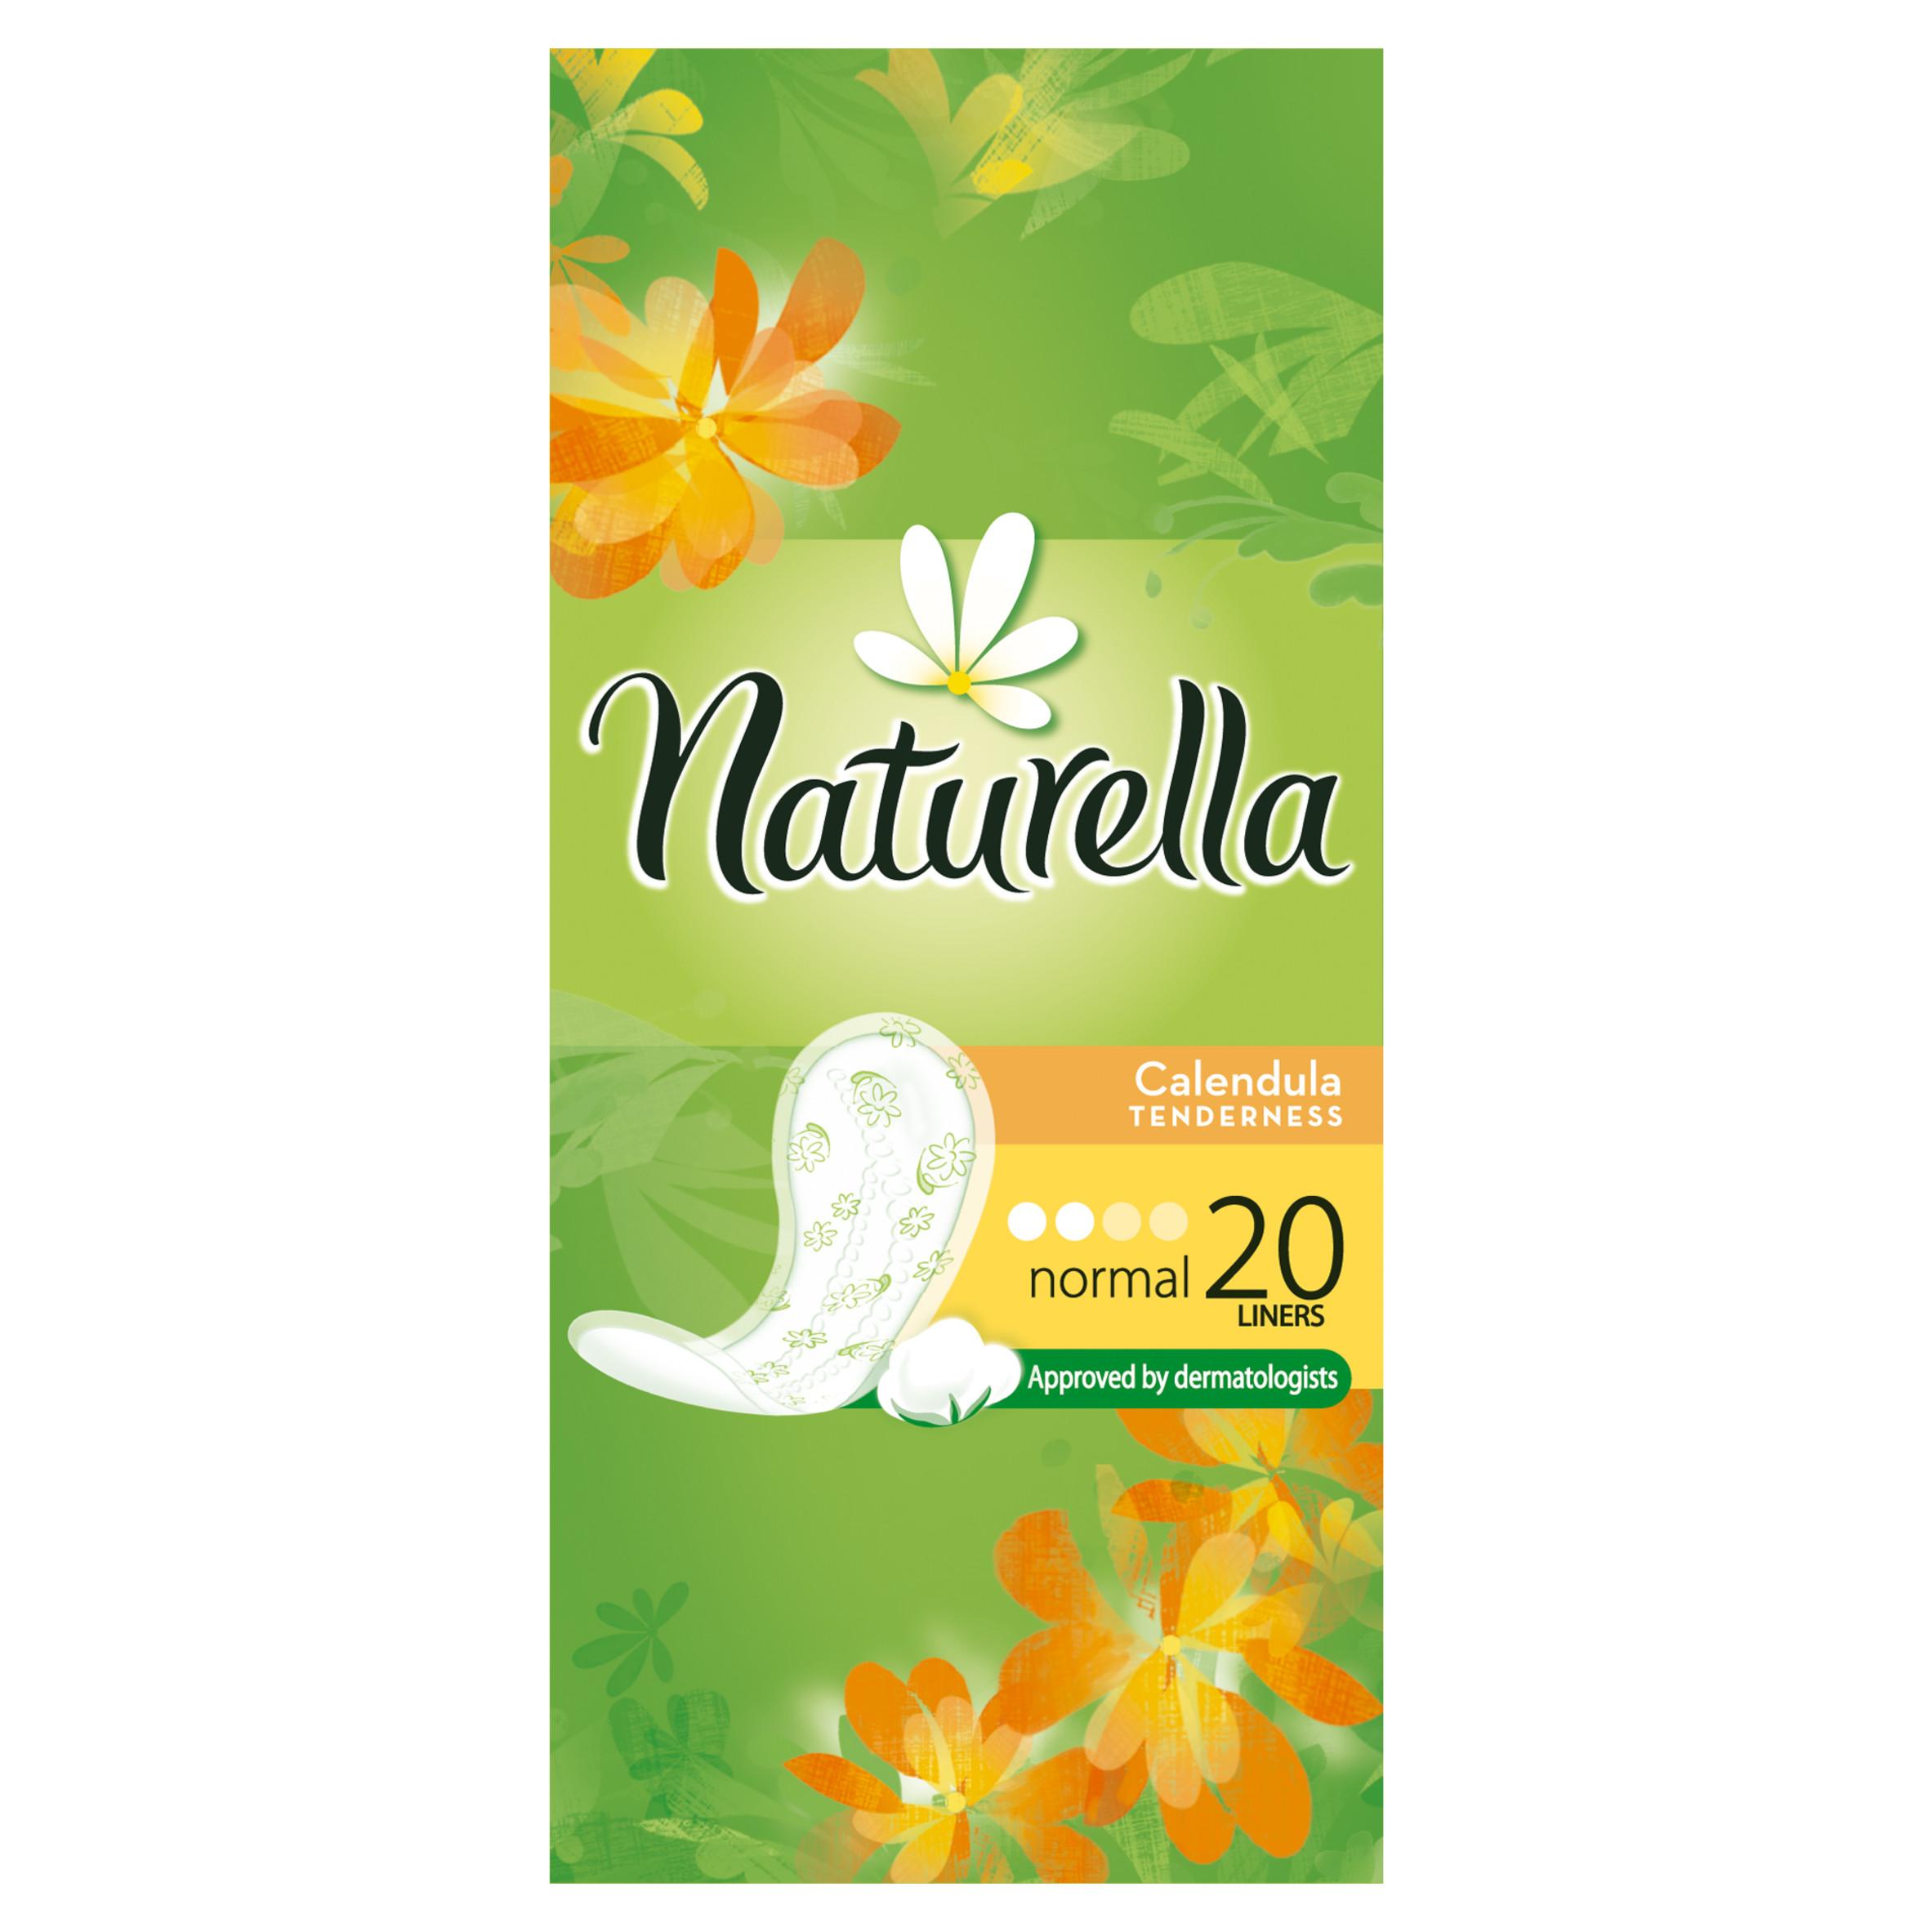 Прокладки гигиенические Naturella ежедневные Normal Calendula Tenderness 20Шт.<br>